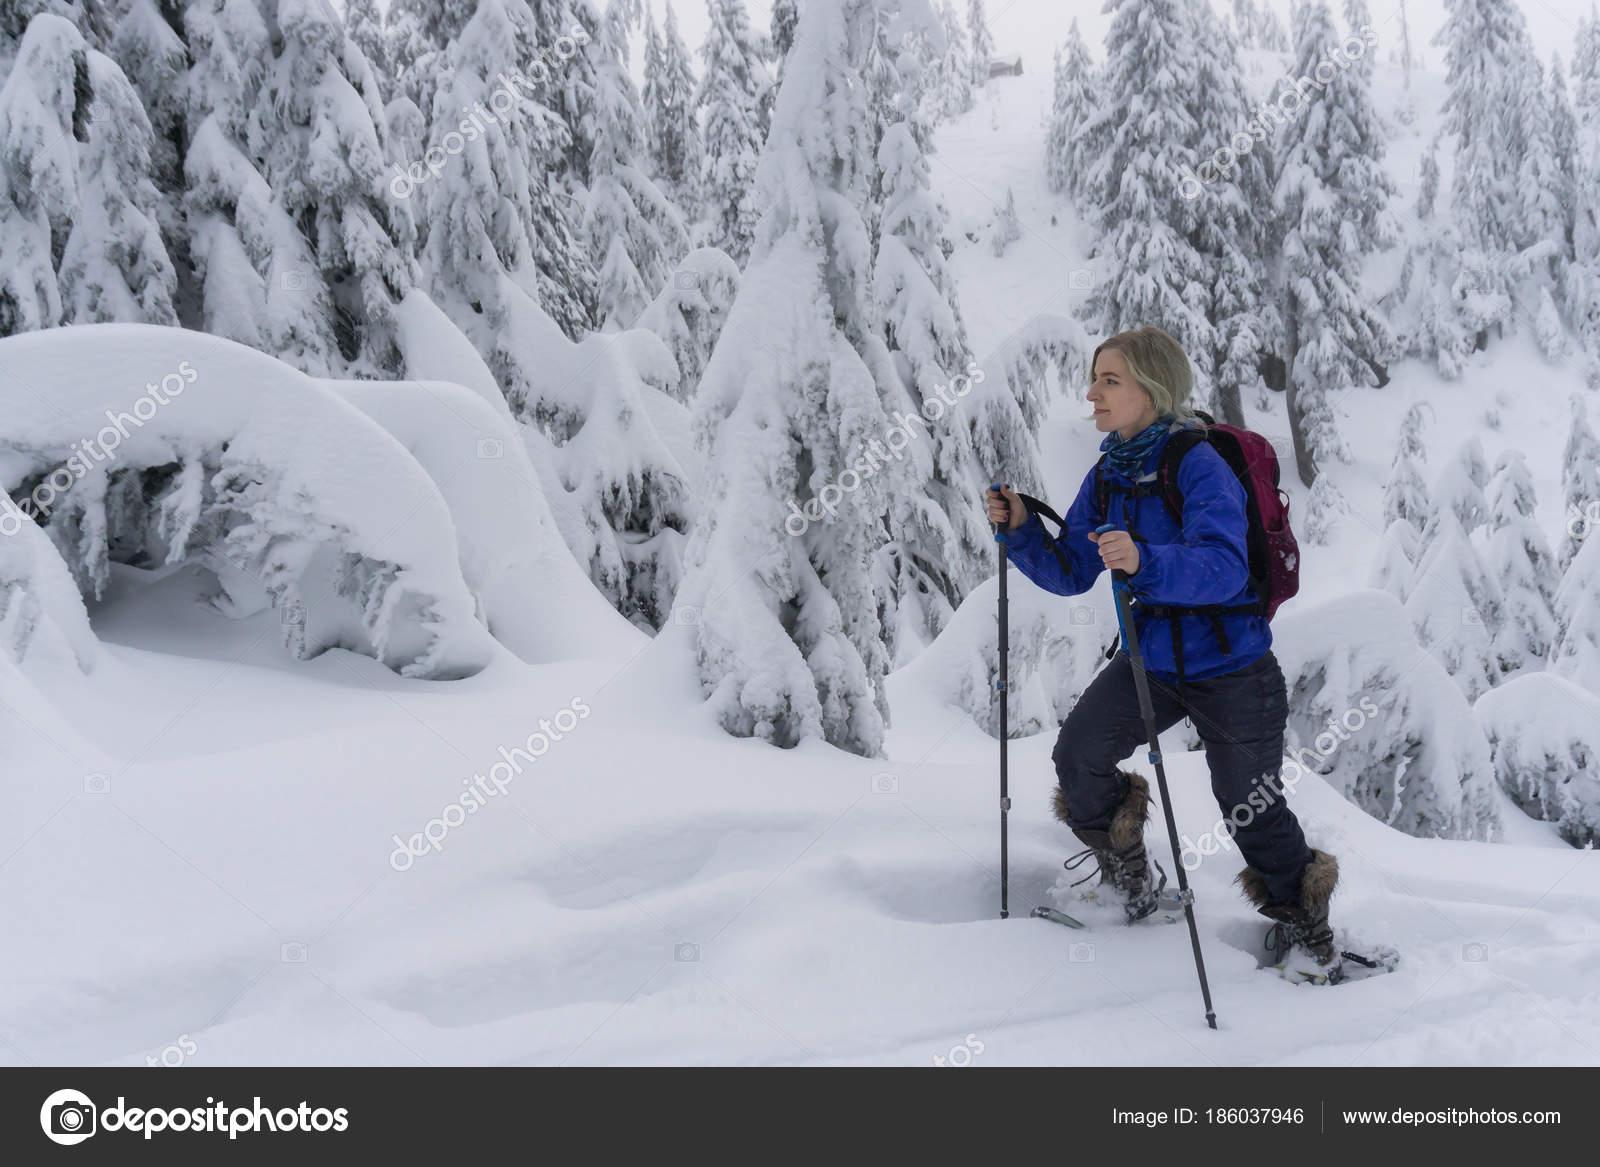 1089b4d57c Fiatal kalandos kaukázusi nő hótalpas túra, a havas hegyek. Venni a  Seymour-hegy, North Vancouver, British Columbia, Kanada — Fotó szerzőtől ...